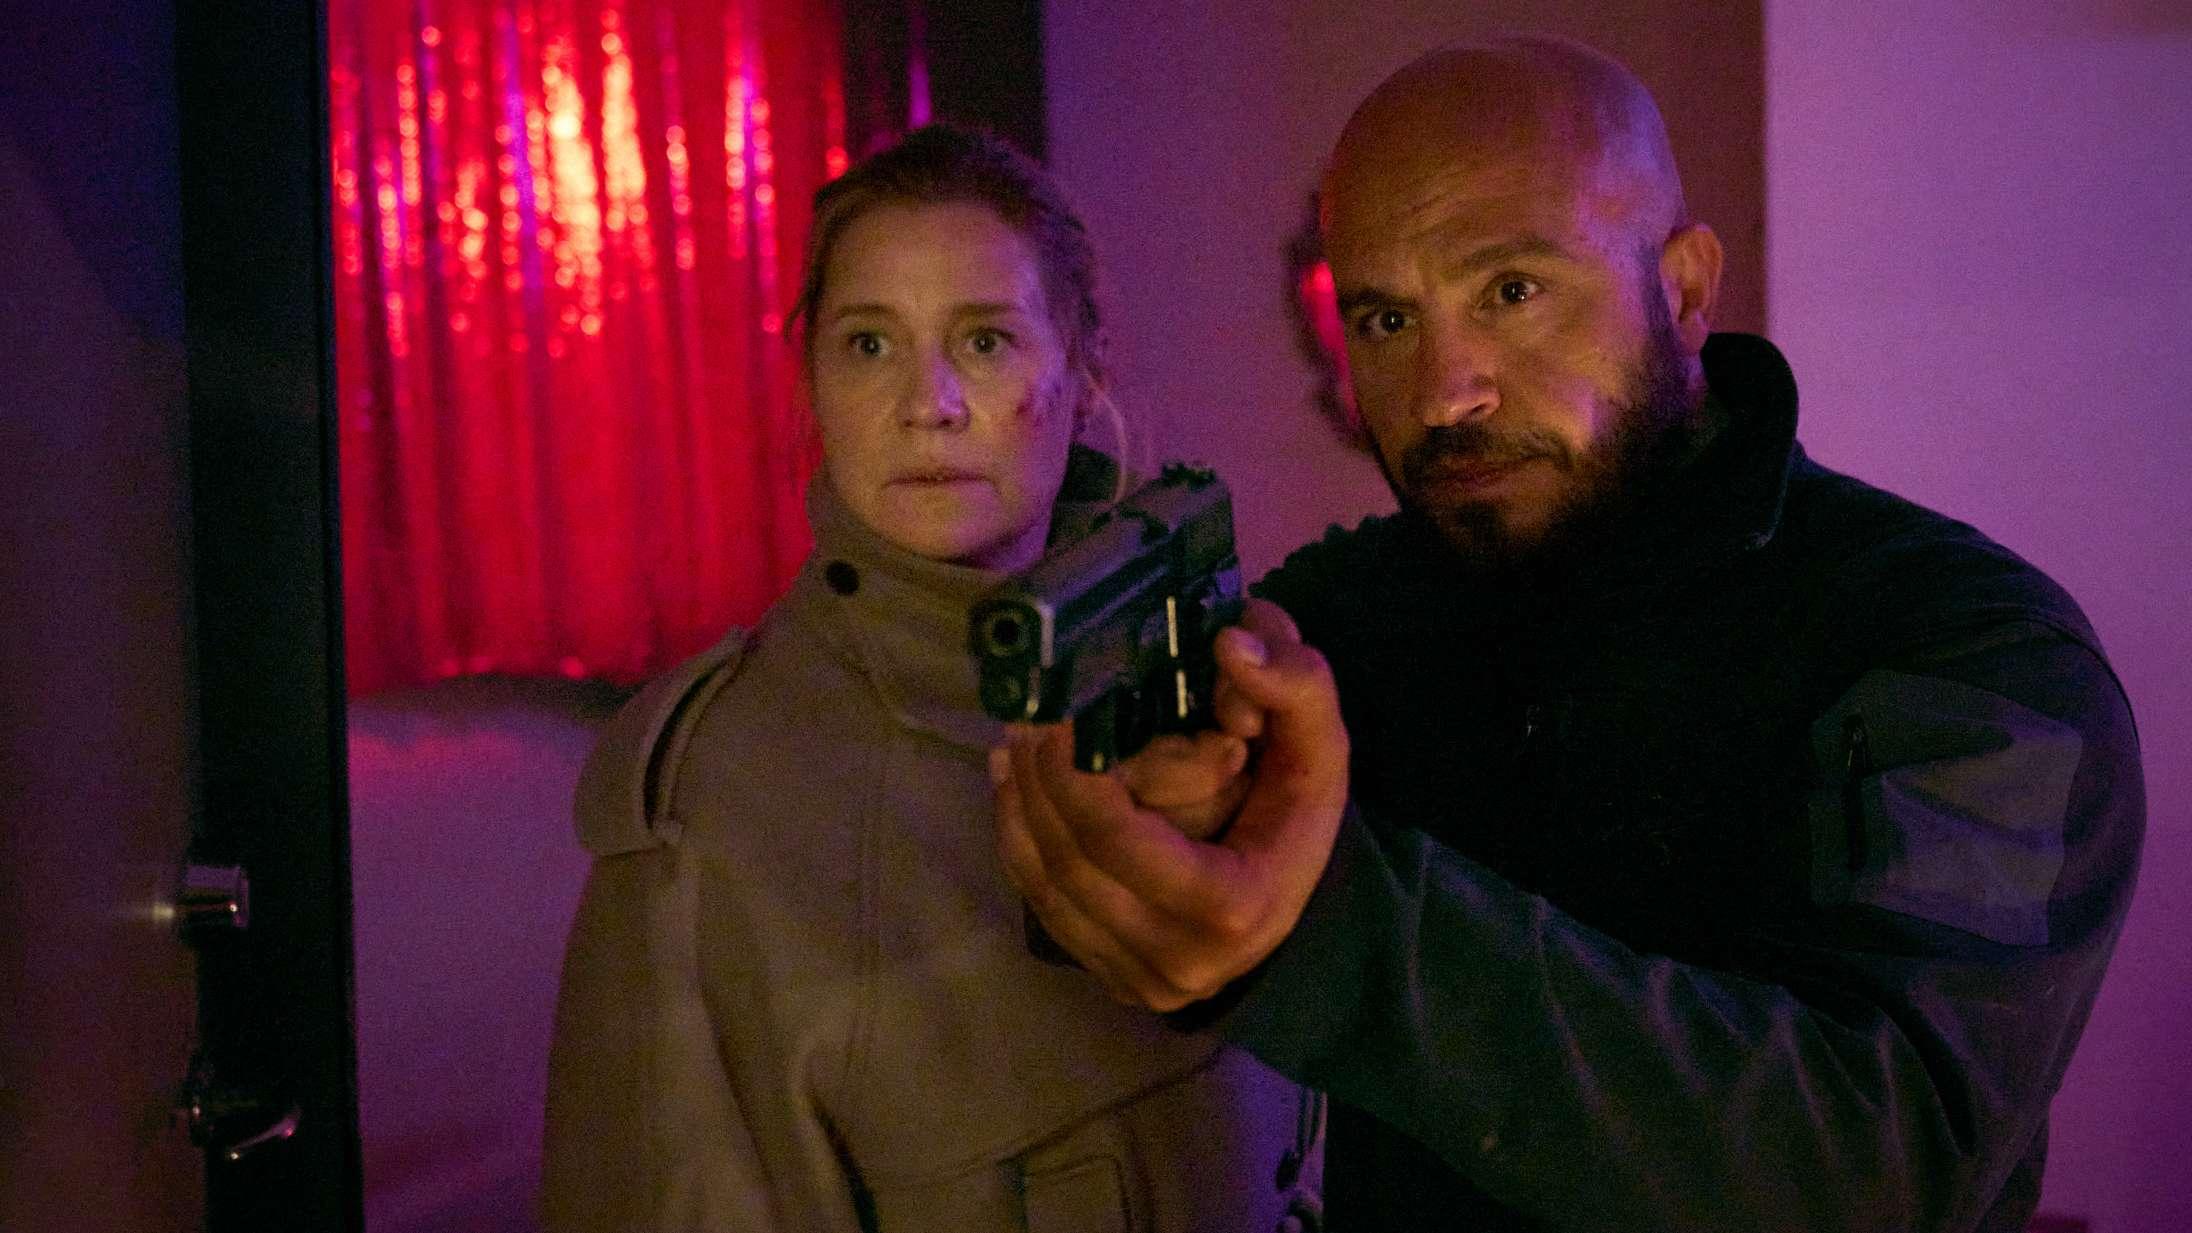 'Forhøret' sæson 2: Trine Dyrholm er desperat hovedattraktion i stilsikkert medrivende krimiserie